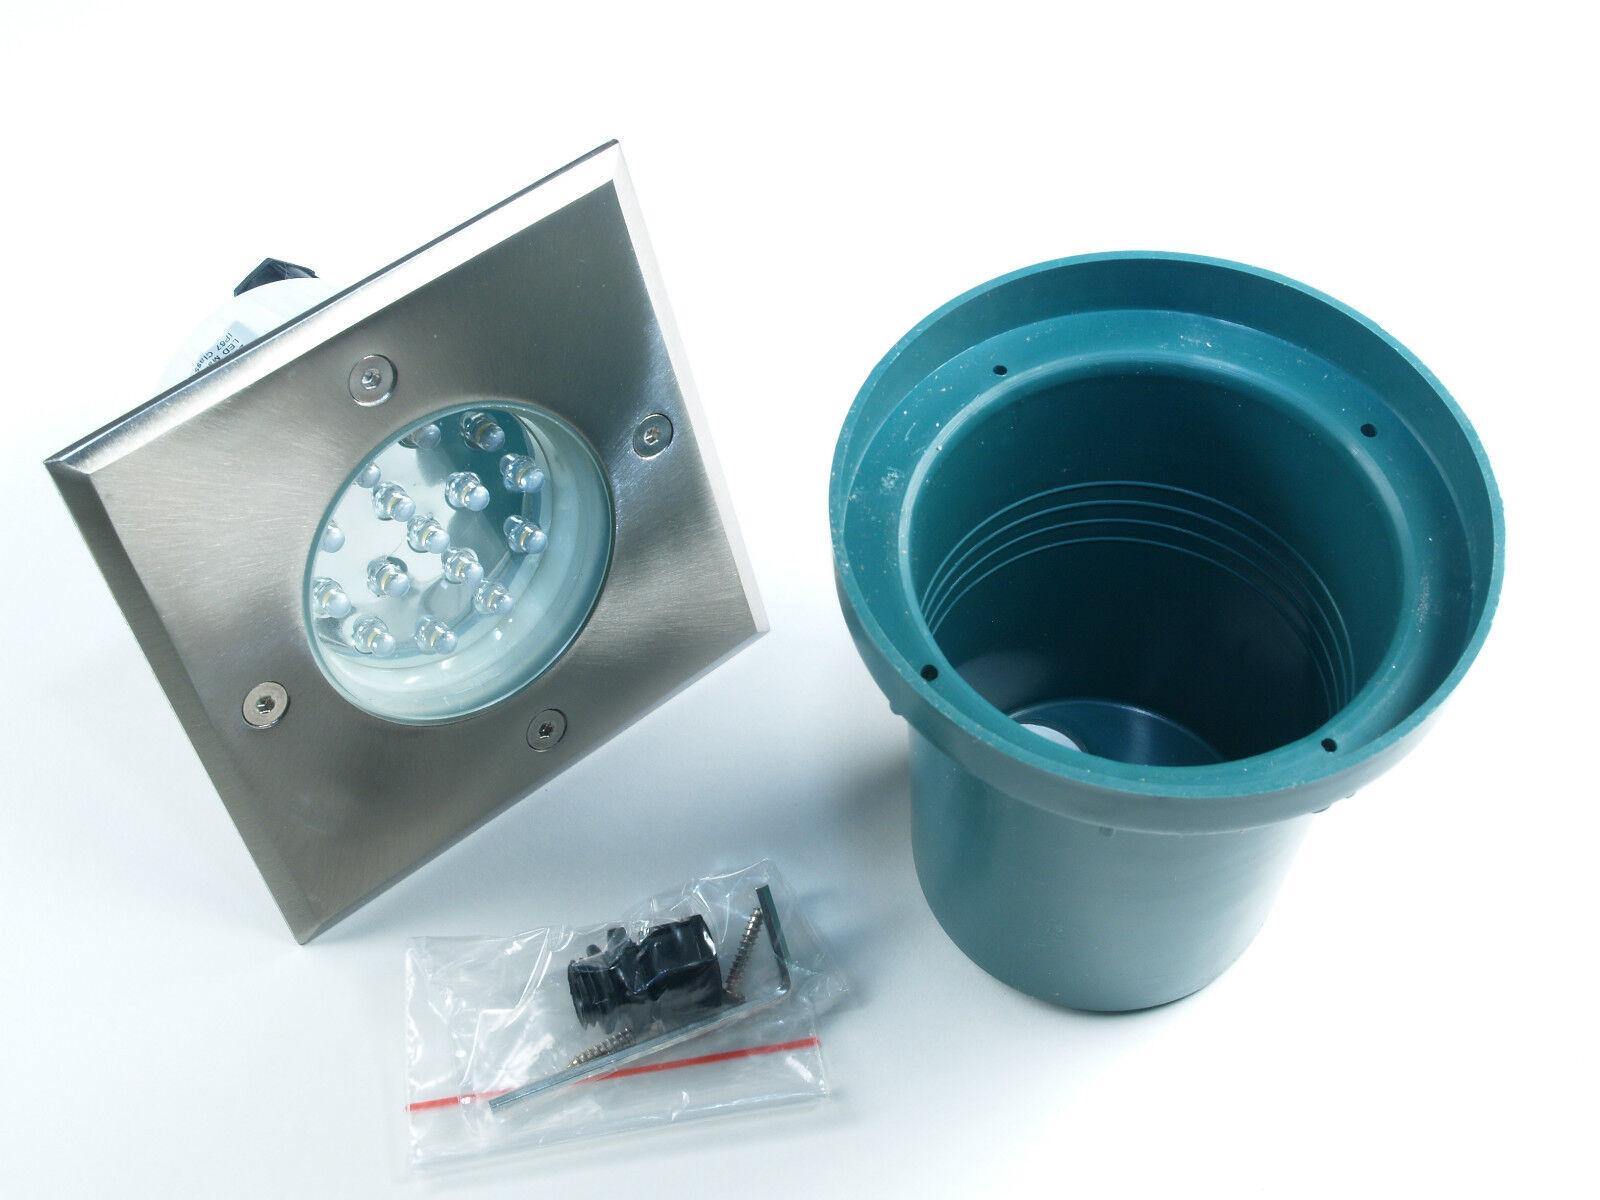 Hochwertig LED Bodenlicht Einbauspot IP67 wasserfest + begehbar Bodenlampe 230V